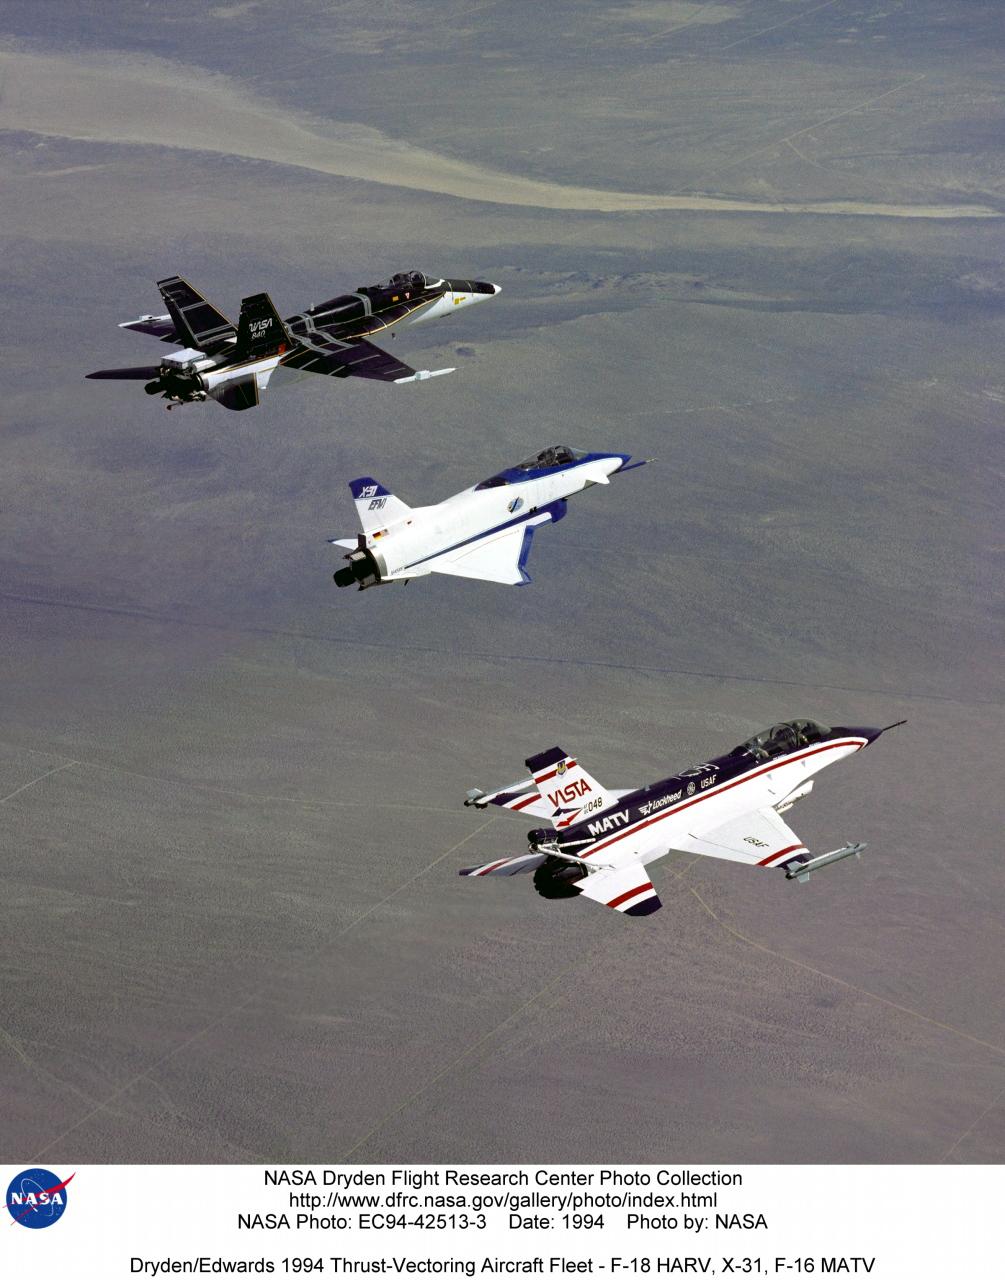 В полете - три летающие лаборатории NASA для отработки управления вектором тяги на самолетах-истребителях.